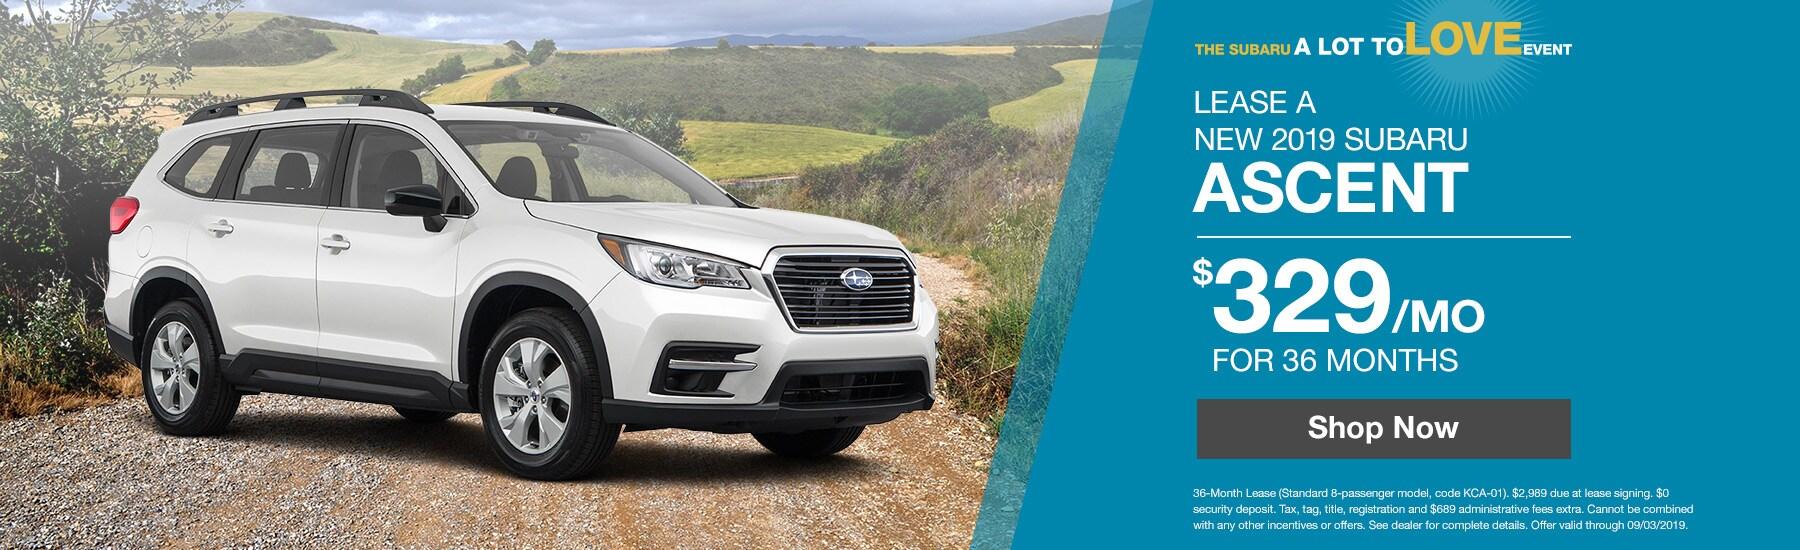 Subaru Of Concord >> New 2019 Subaru Used Car Dealer Concord Nc Subaru Concord